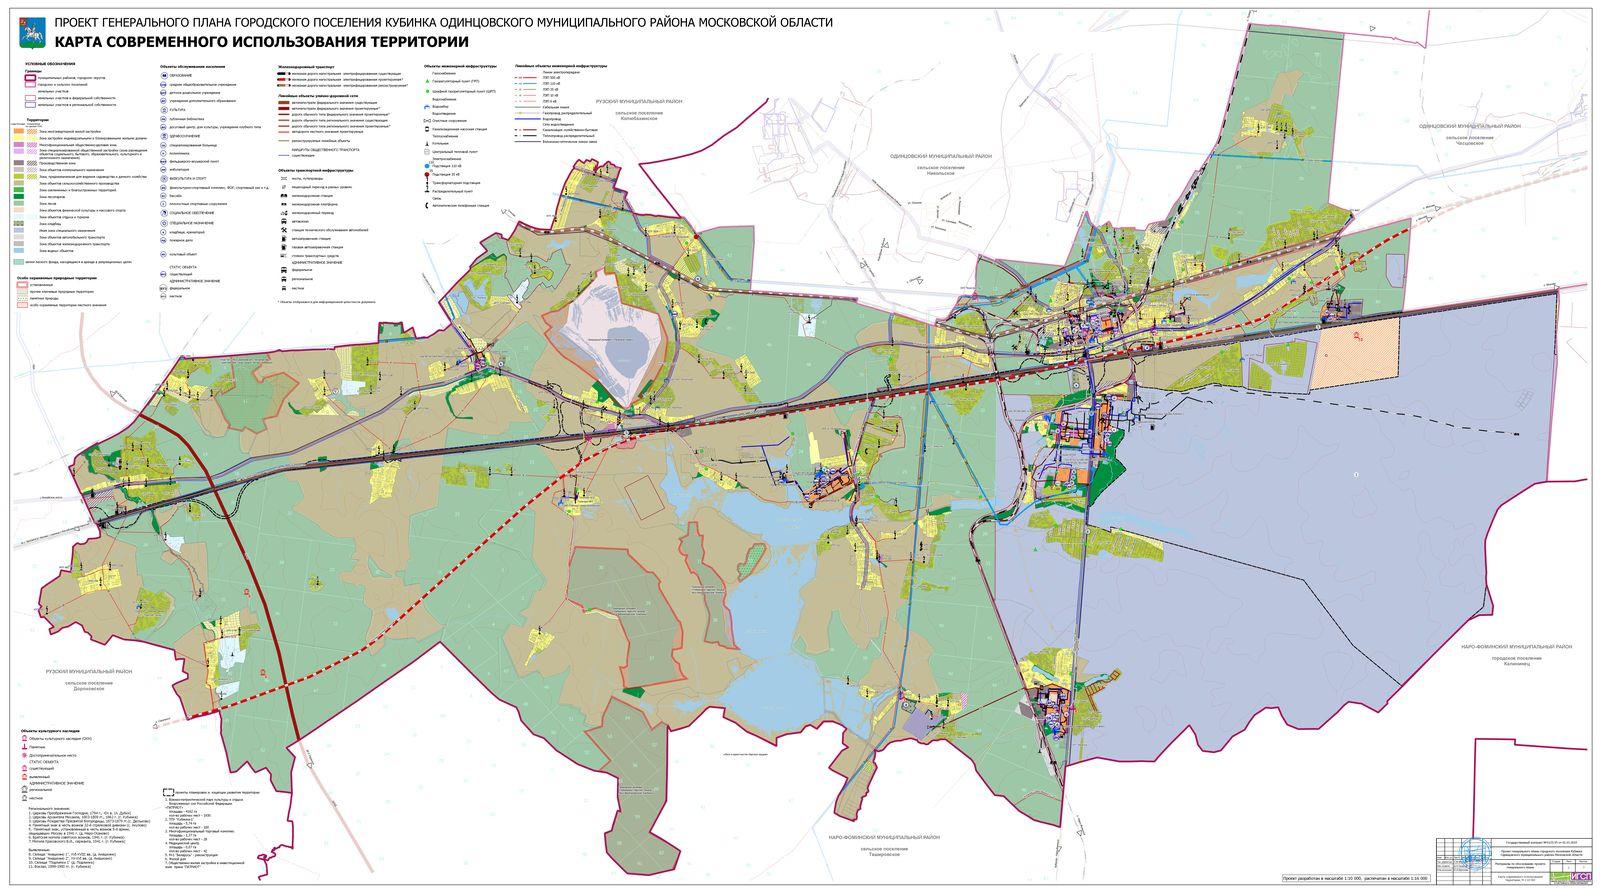 Фото и схема одинцовского района